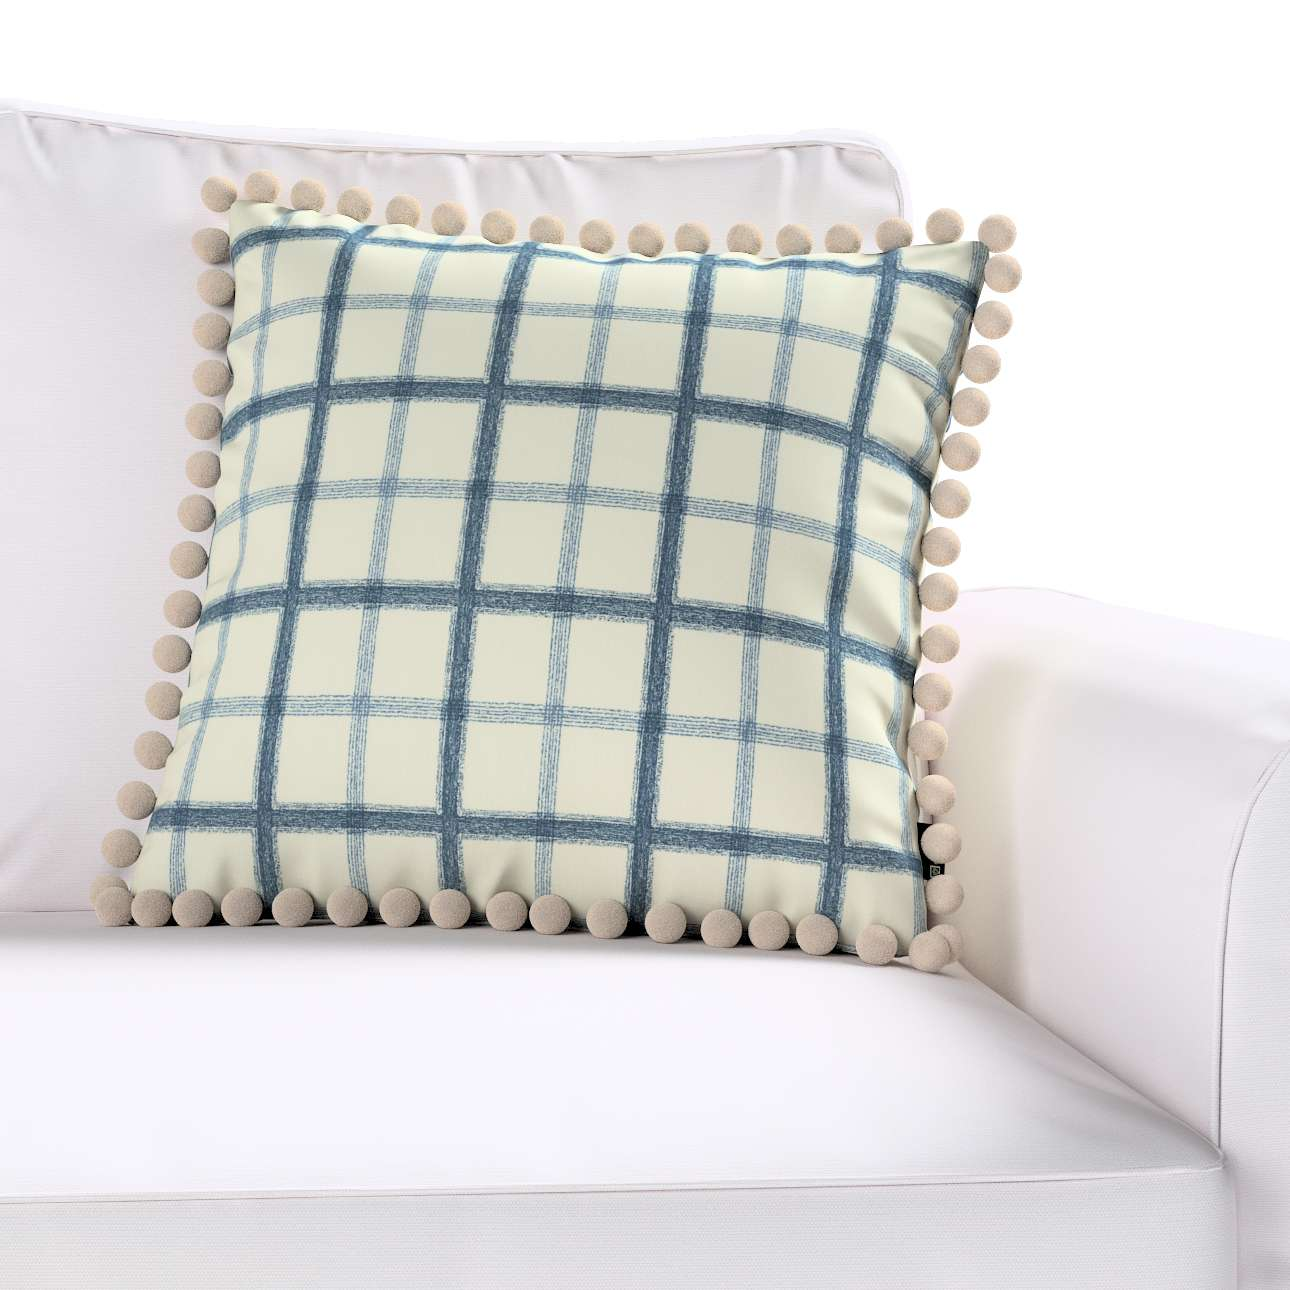 Poszewka Wera na poduszkę w kolekcji Avinon, tkanina: 131-66